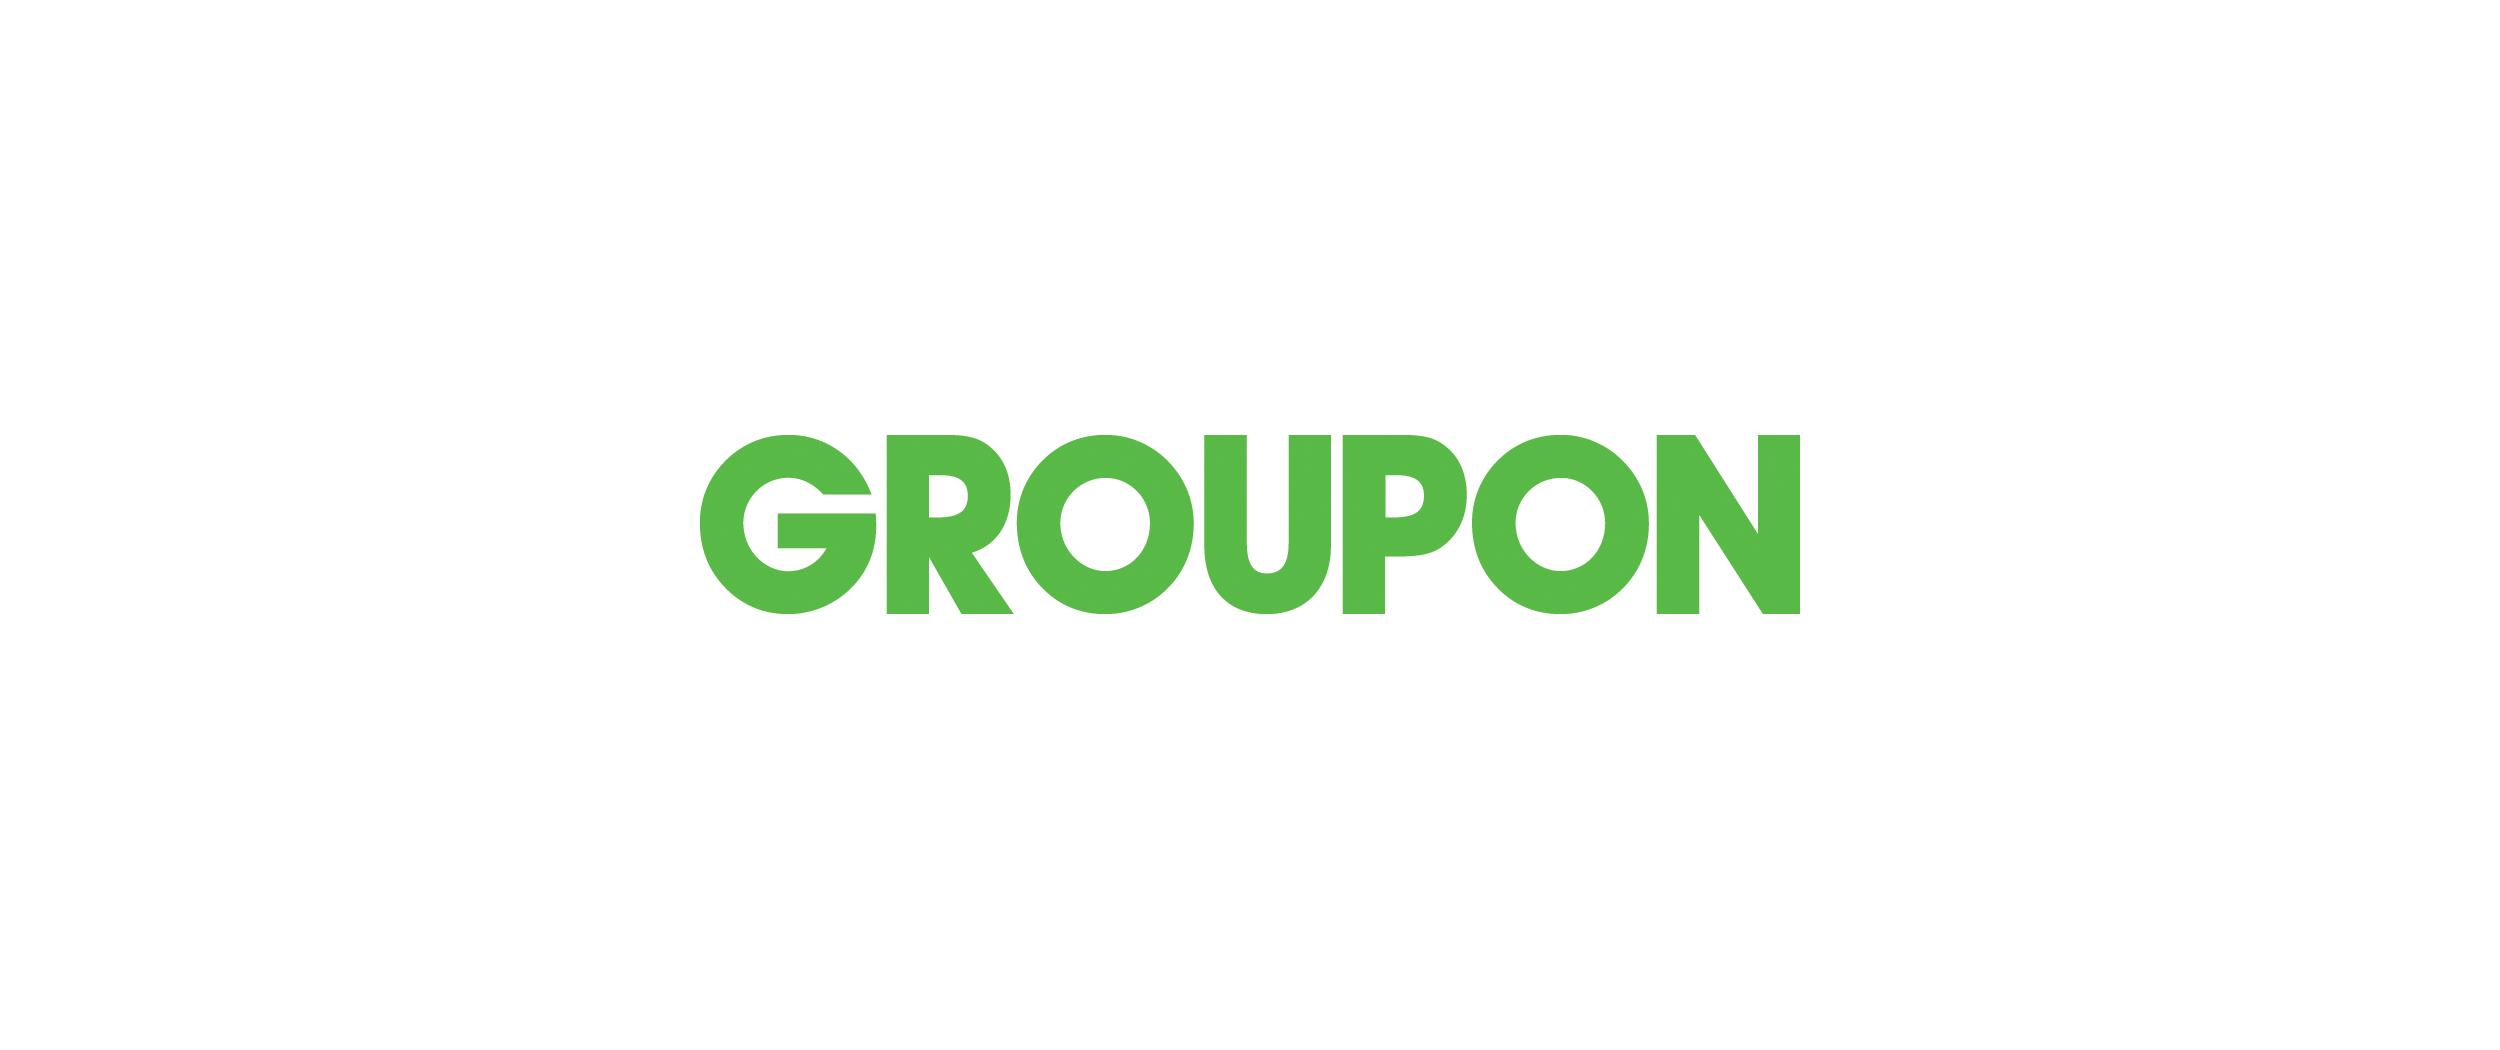 groupon_logo_.jpg